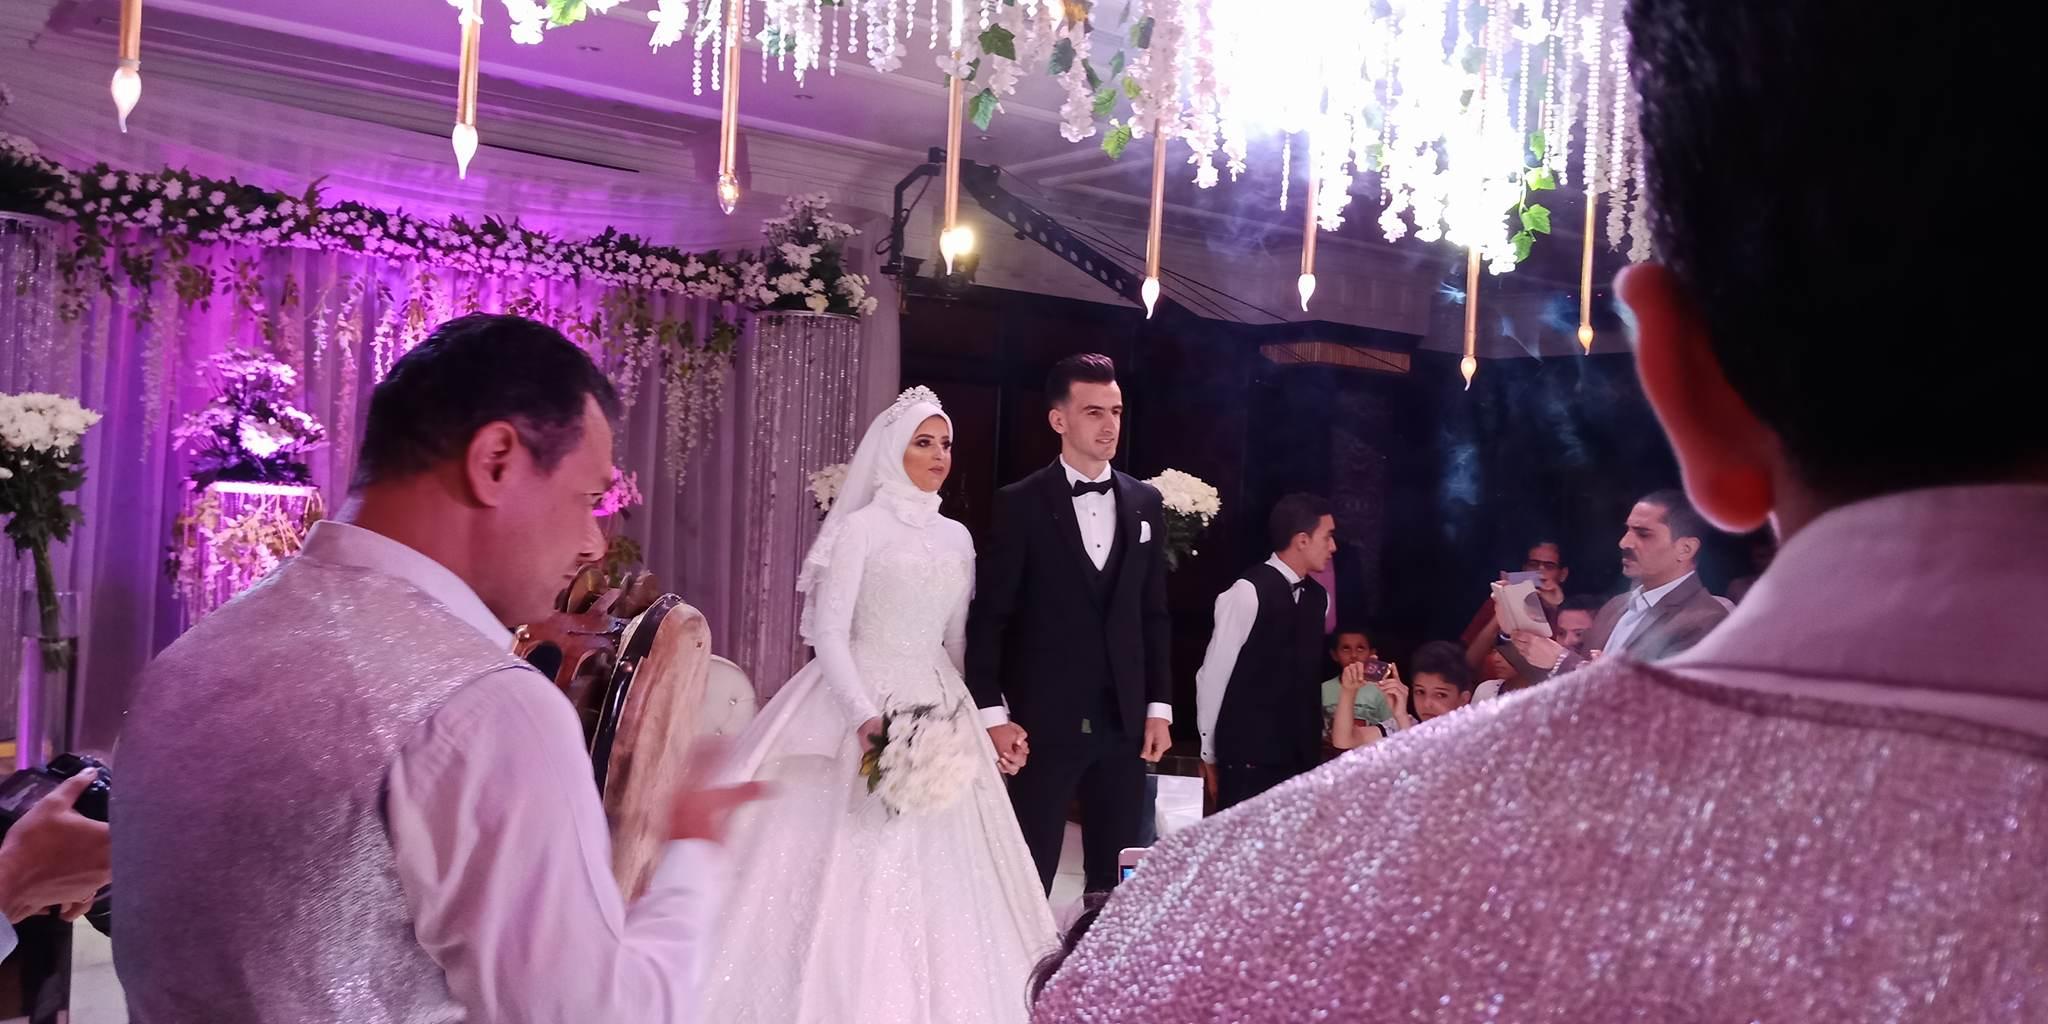 دونجا يحتفل بحفل زفافه (25)